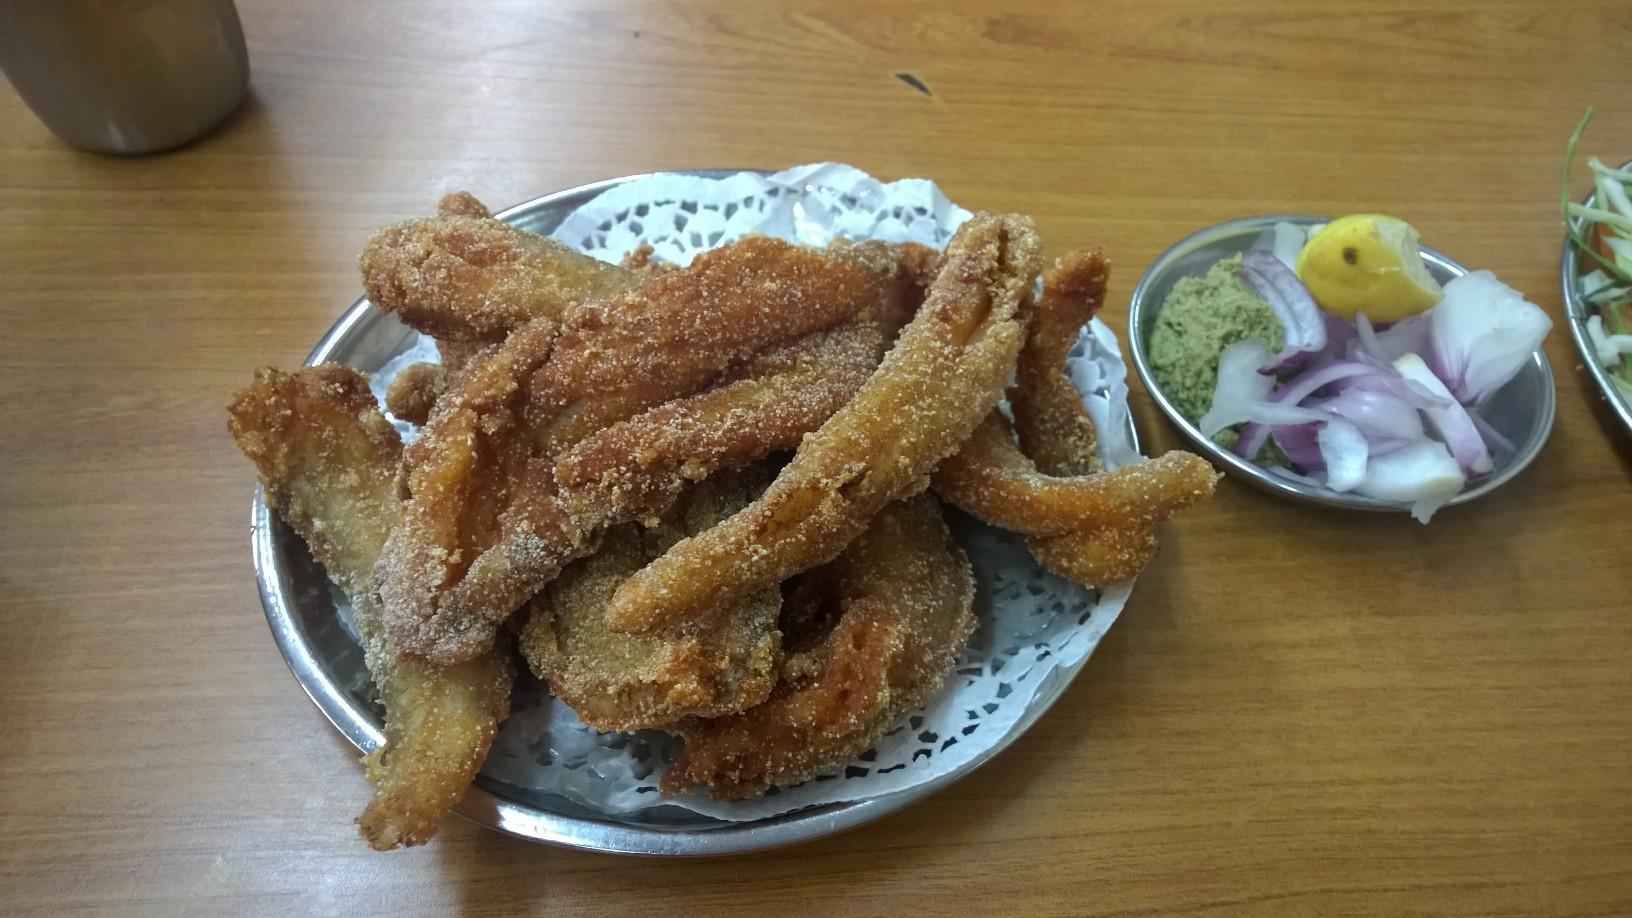 Restaurant Review: Highway Gomatak in Bandra, Mumbai